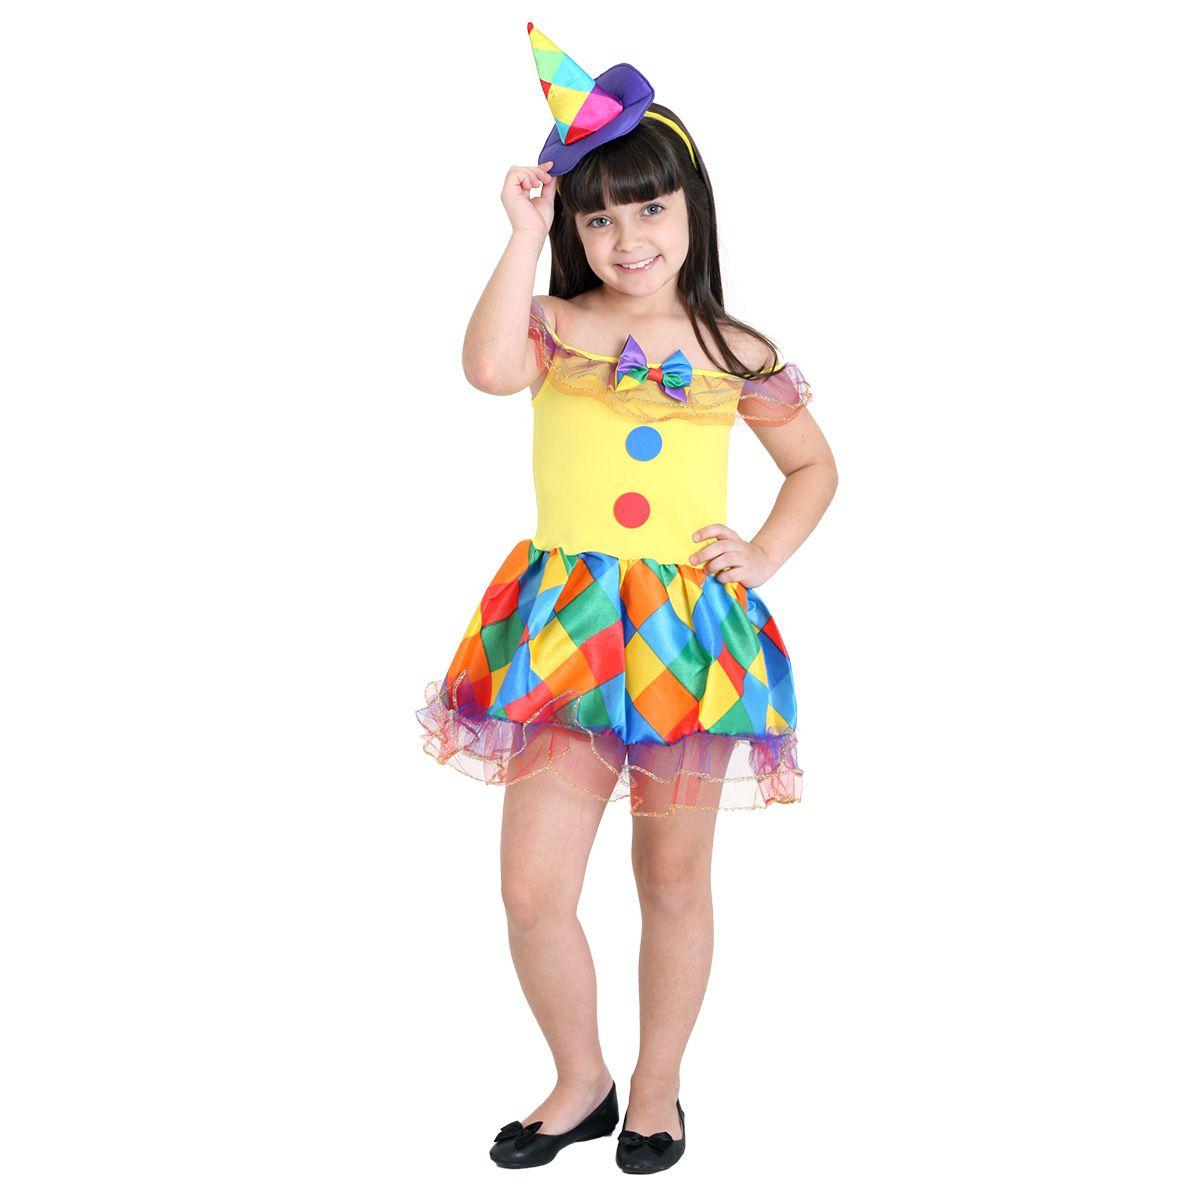 Fantasia Palhacinha Infantil com Chapéu